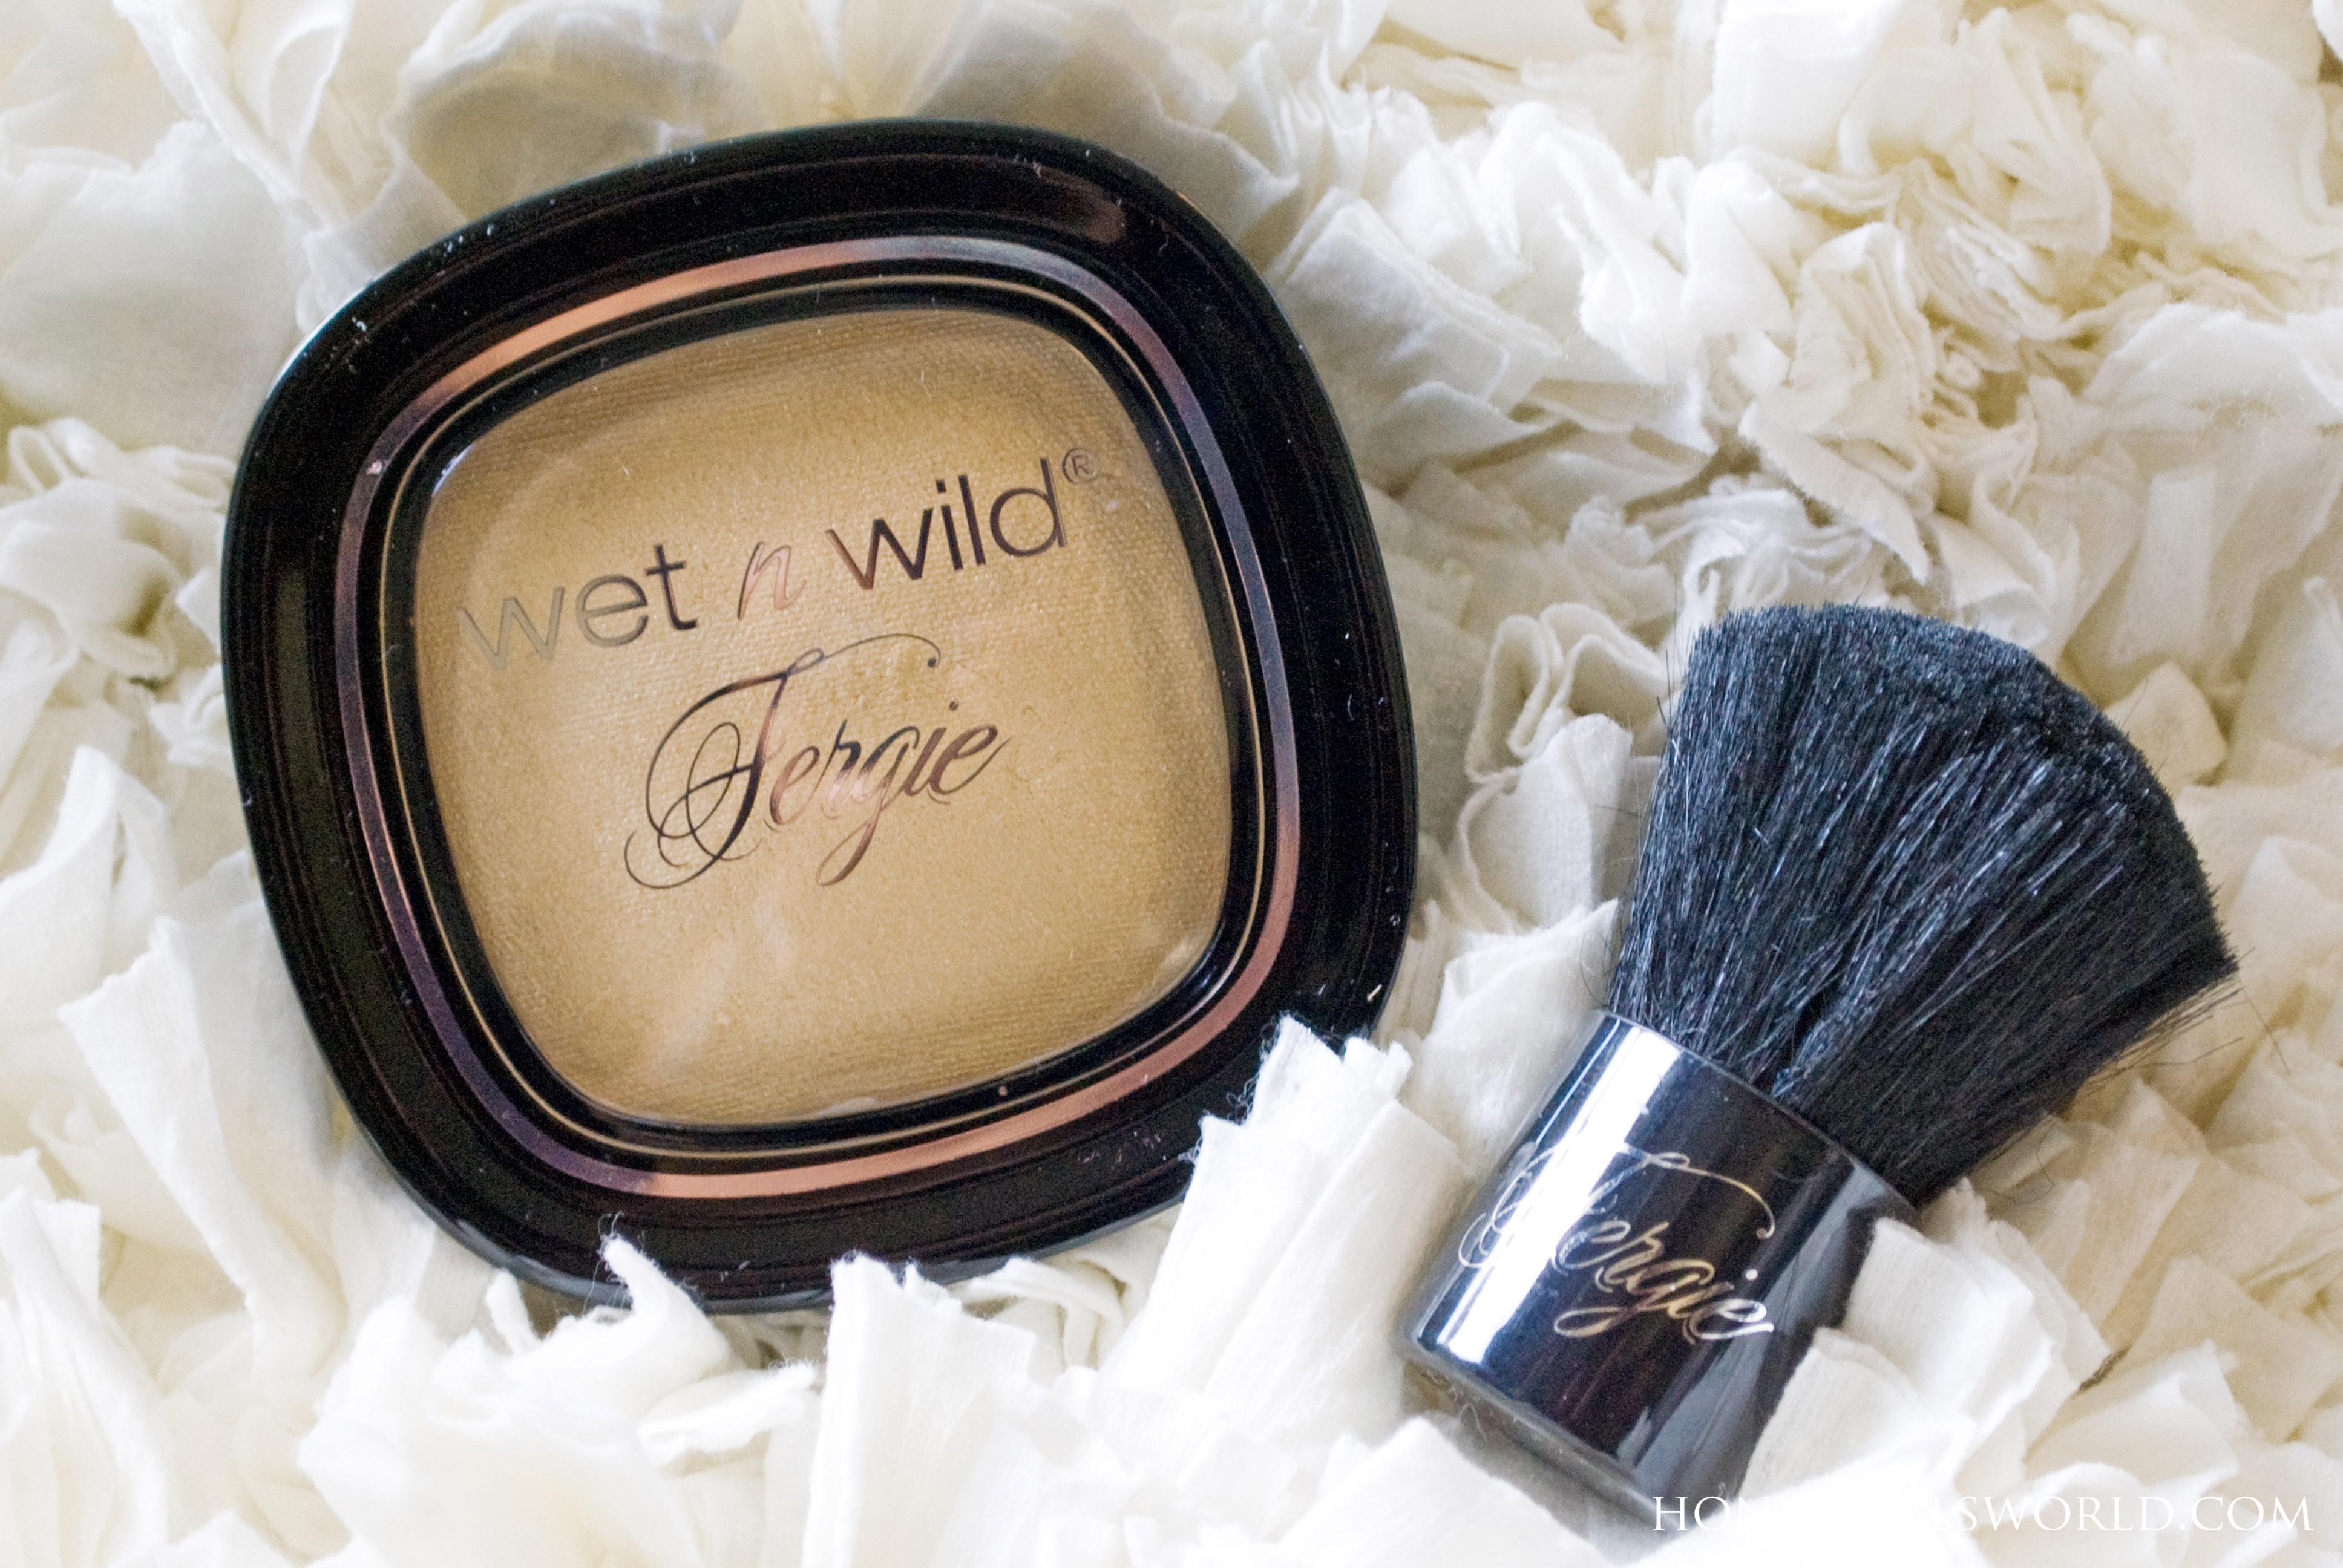 Wet n Wild Centerstage Shimmer Palette Photo Bomb